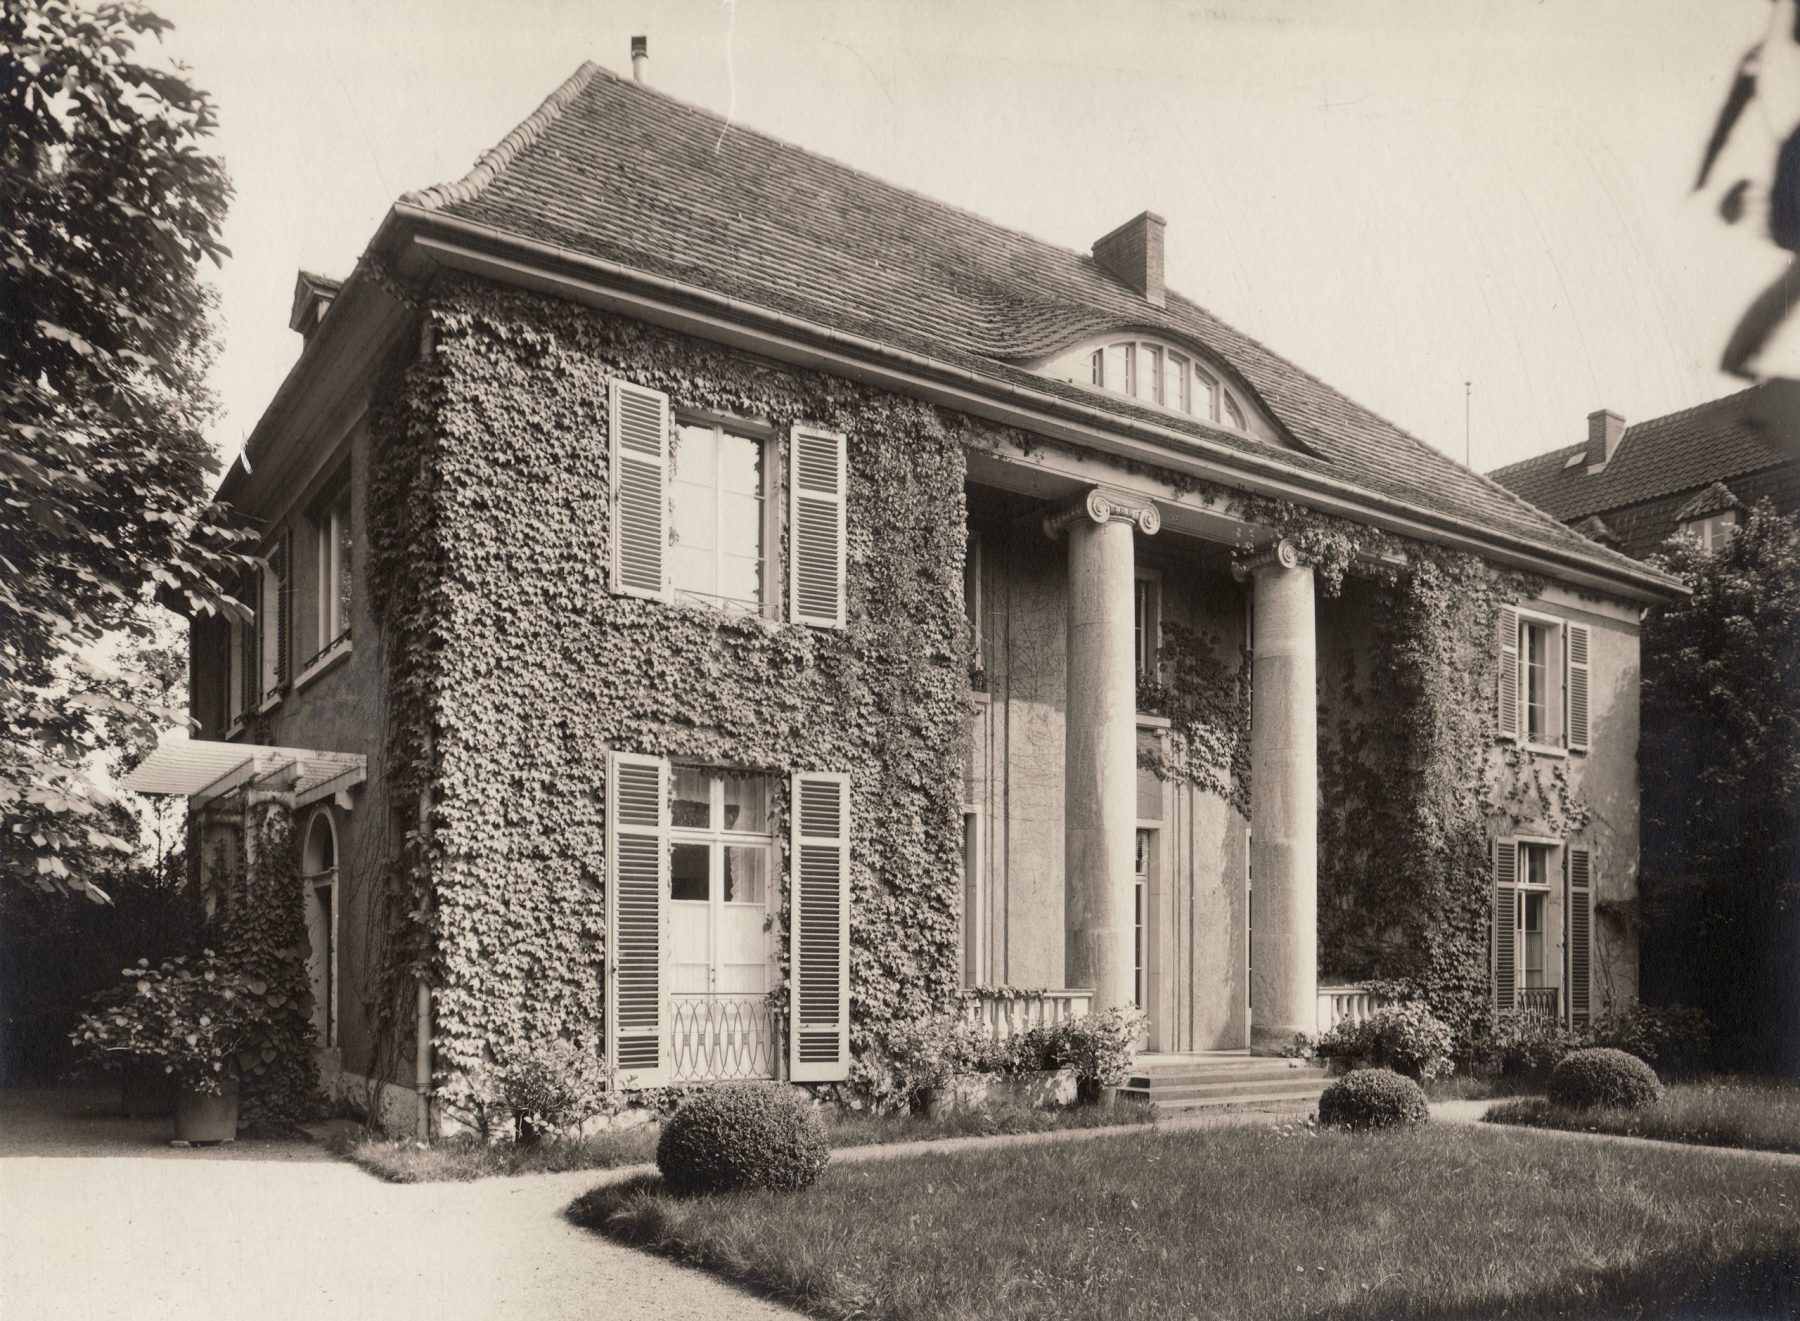 Die historische Schwarzweiß-Fotografie zeigt die mit Efeu bewachsene Frontseite der Liebermann-Villa.